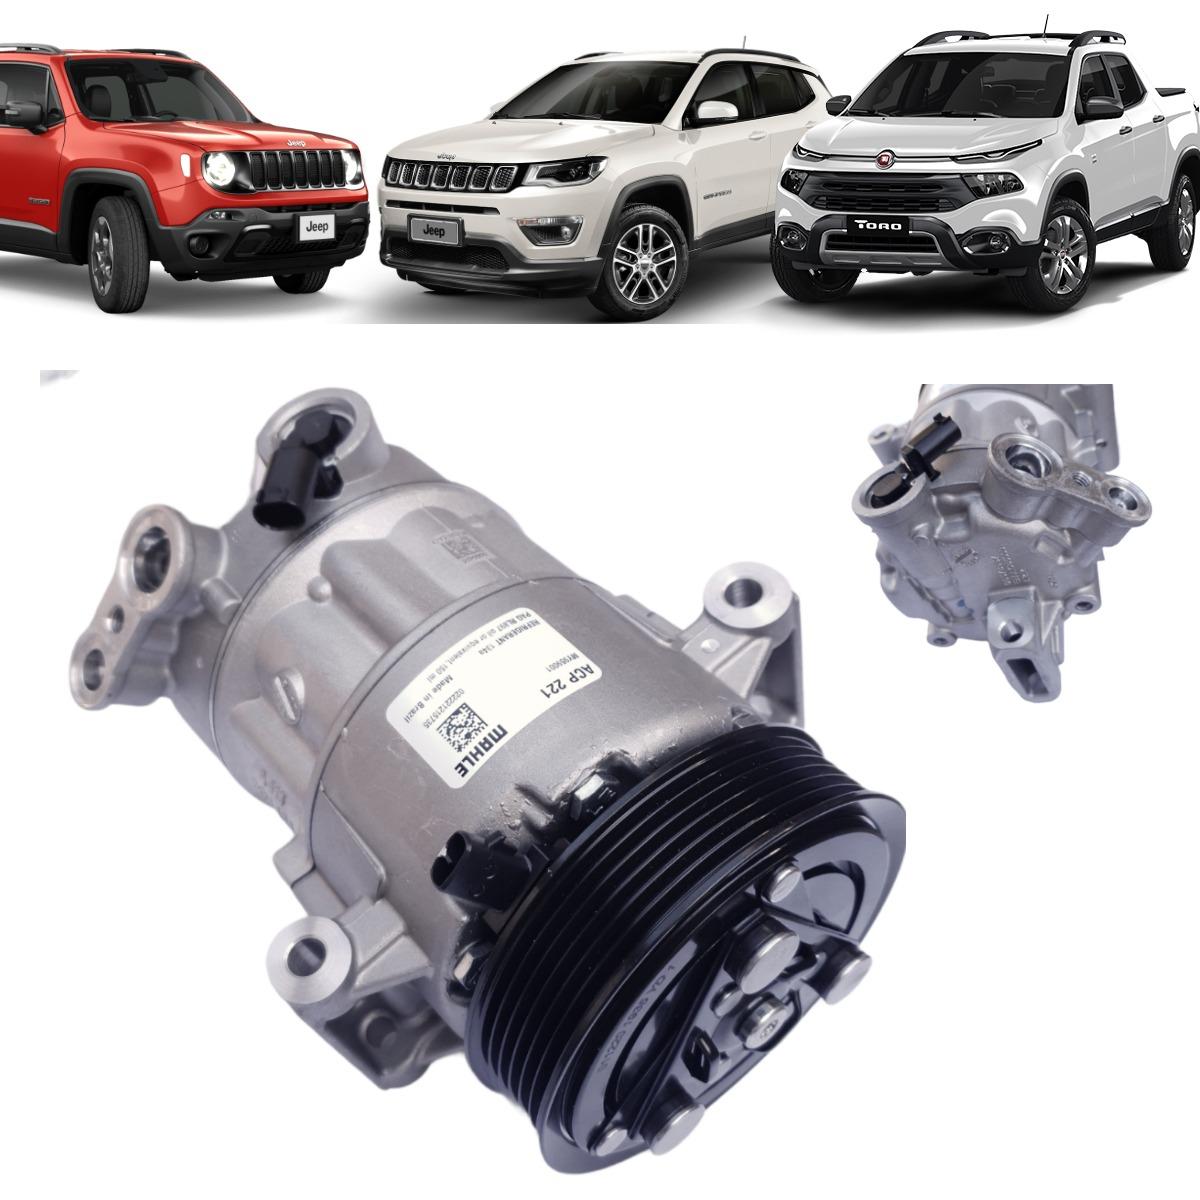 Compressor Ar Condicionado Fiat Toro E Jeep Renegade Compass ACP221 - MAHLE